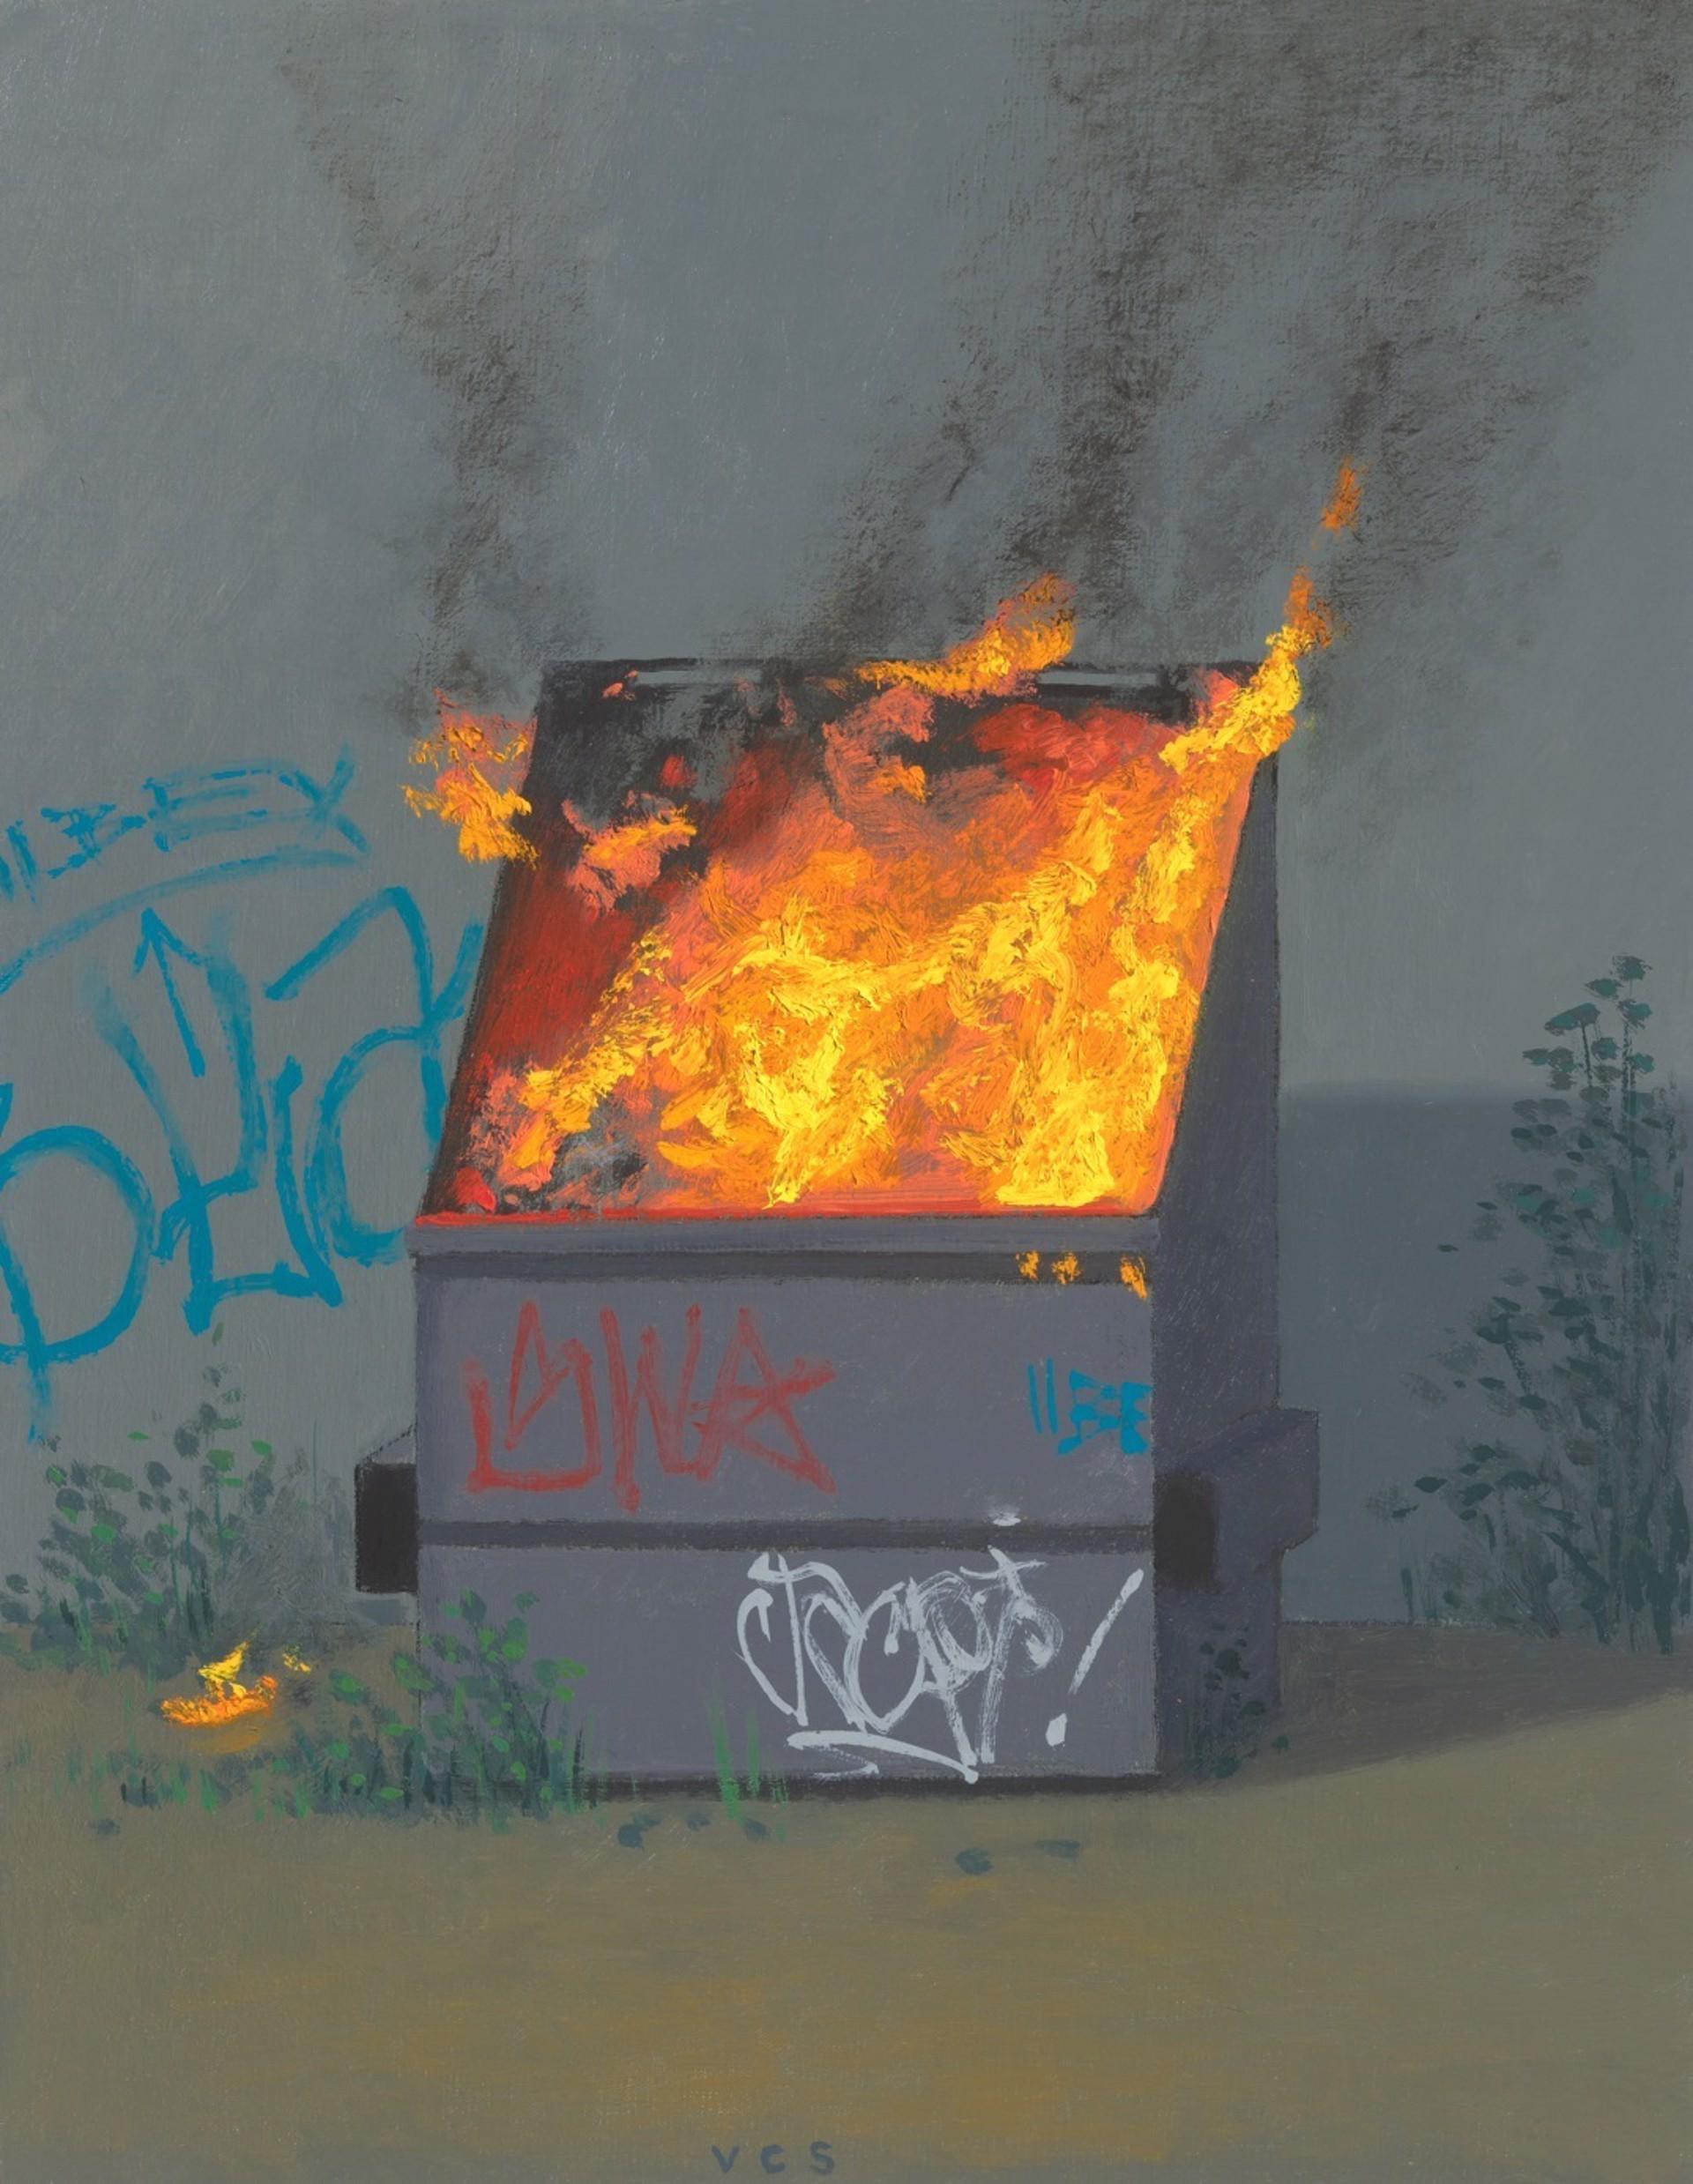 Dumpster Fire II by Vonn Cummings Sumner